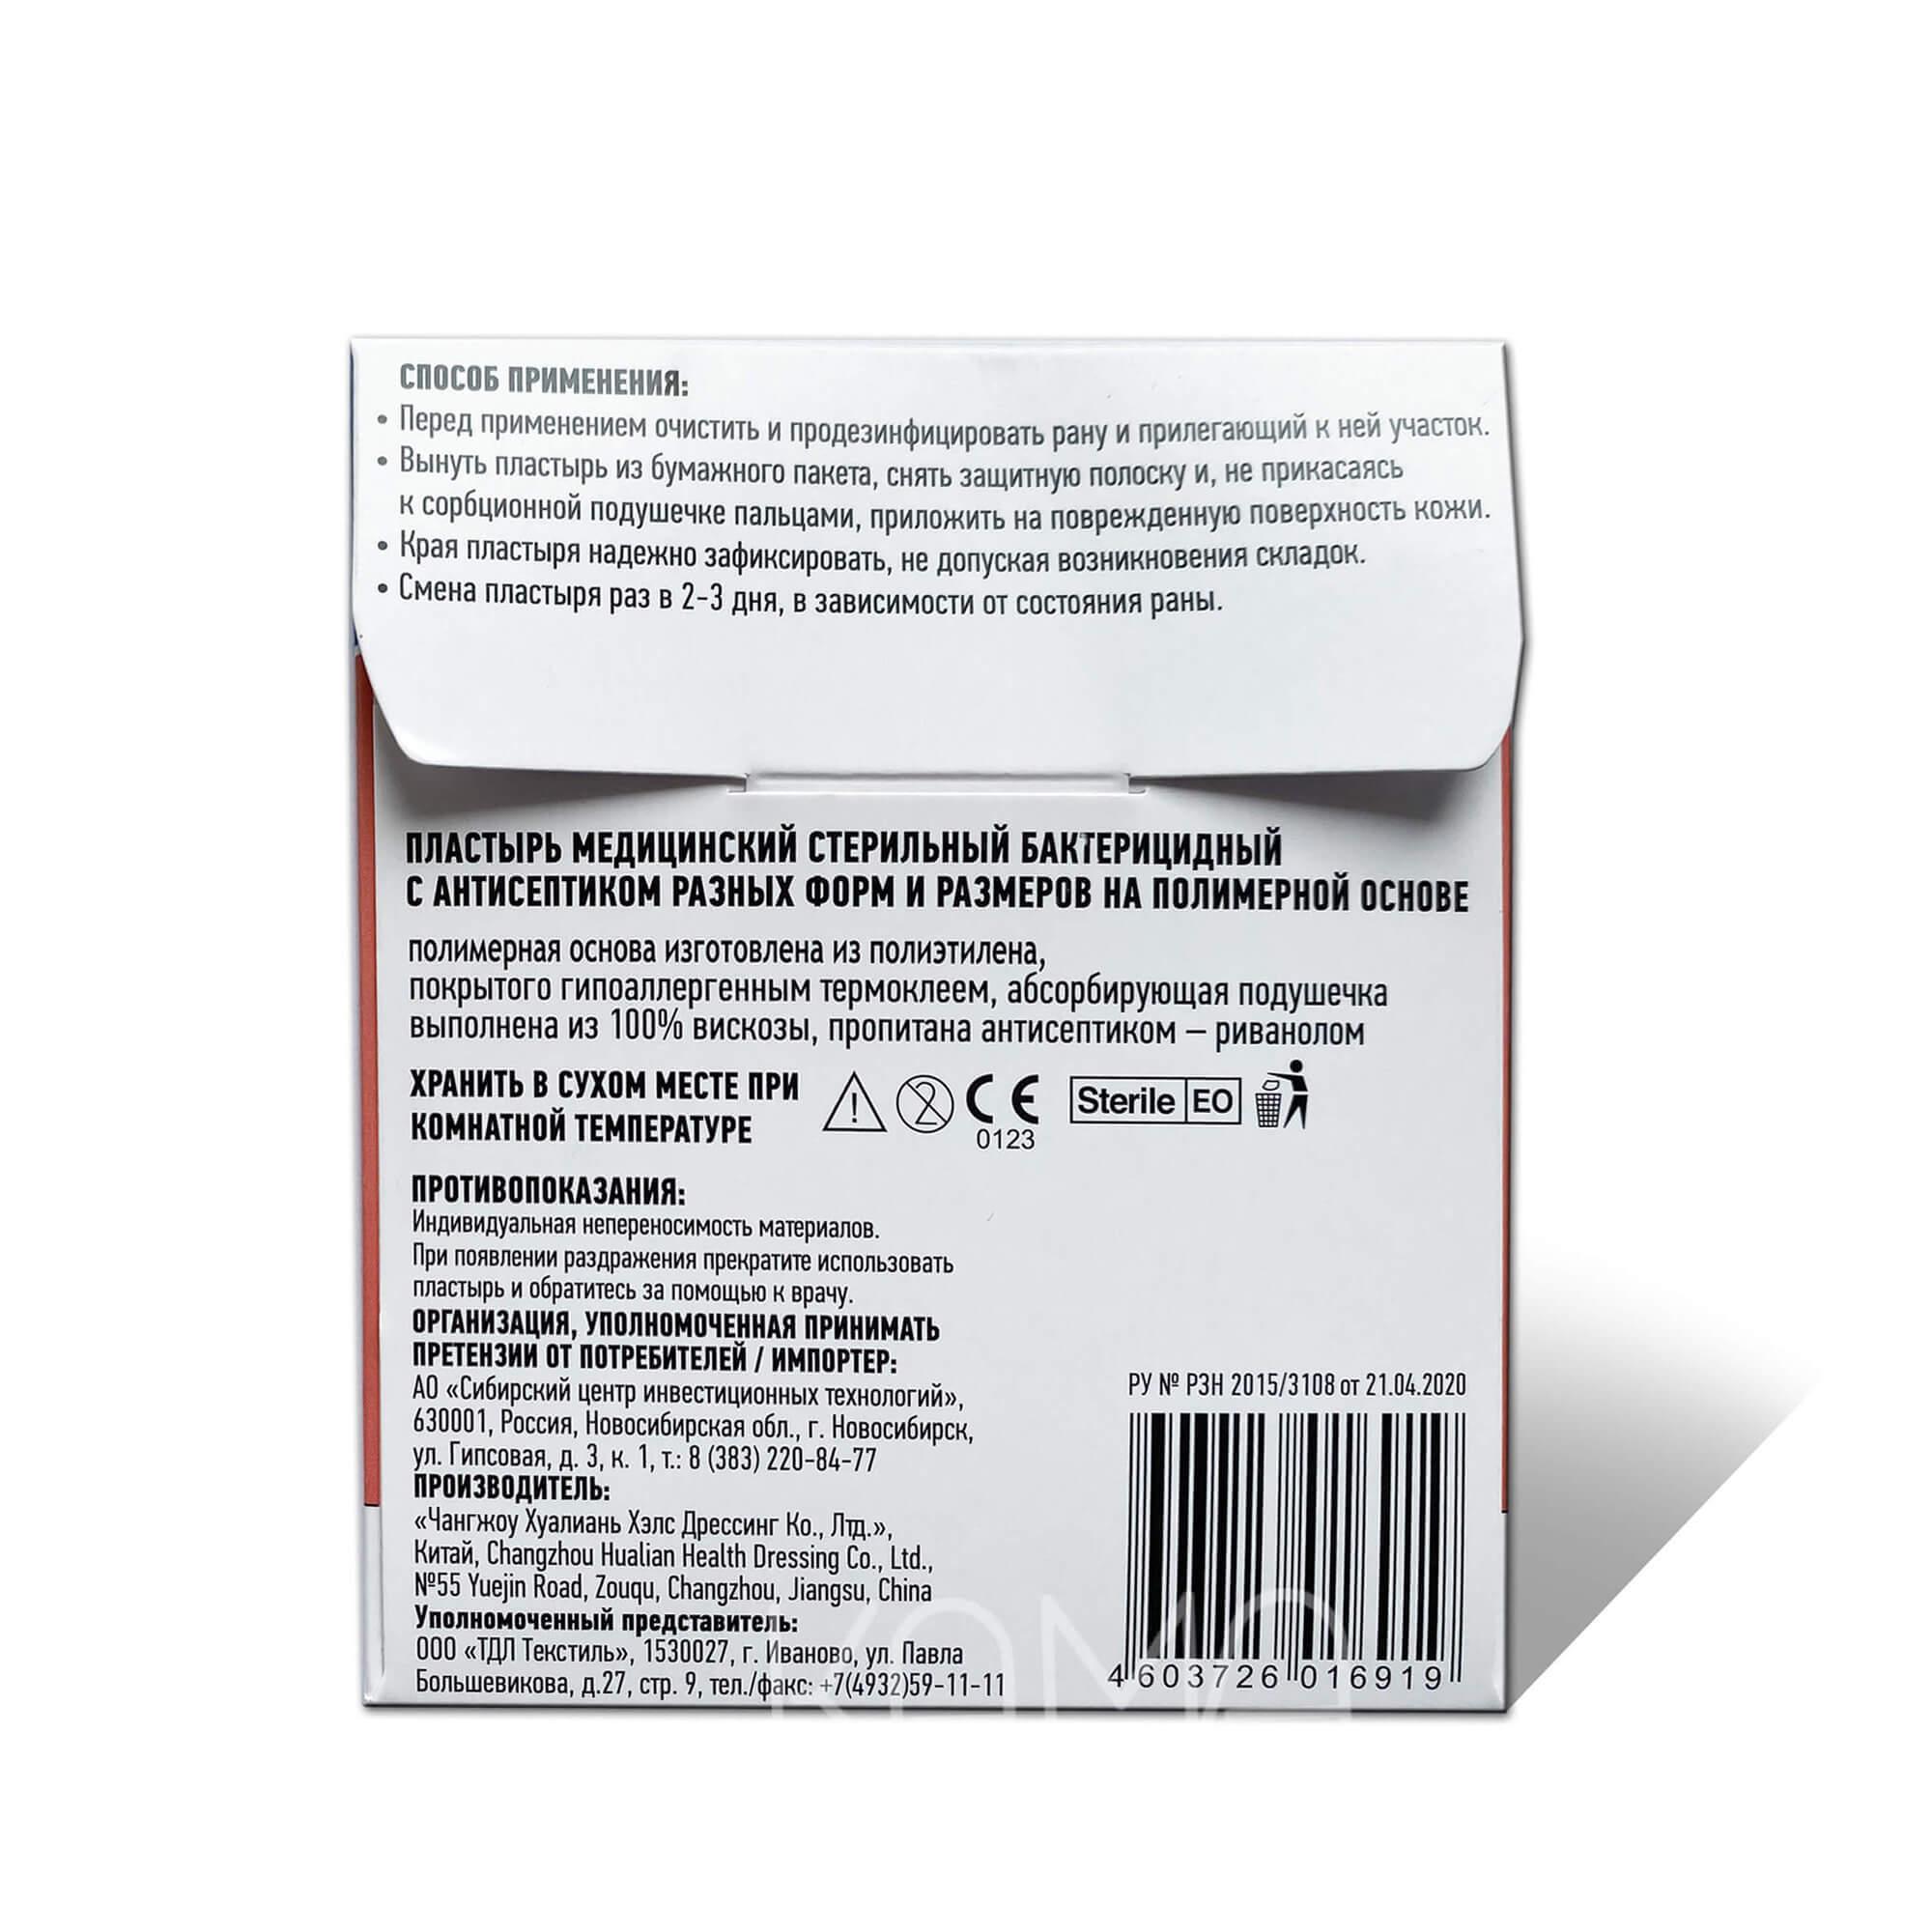 Пластыри водостойкие бактерицидные Мультиплекс Ватерпруф прозрачные, 2 размера, №15